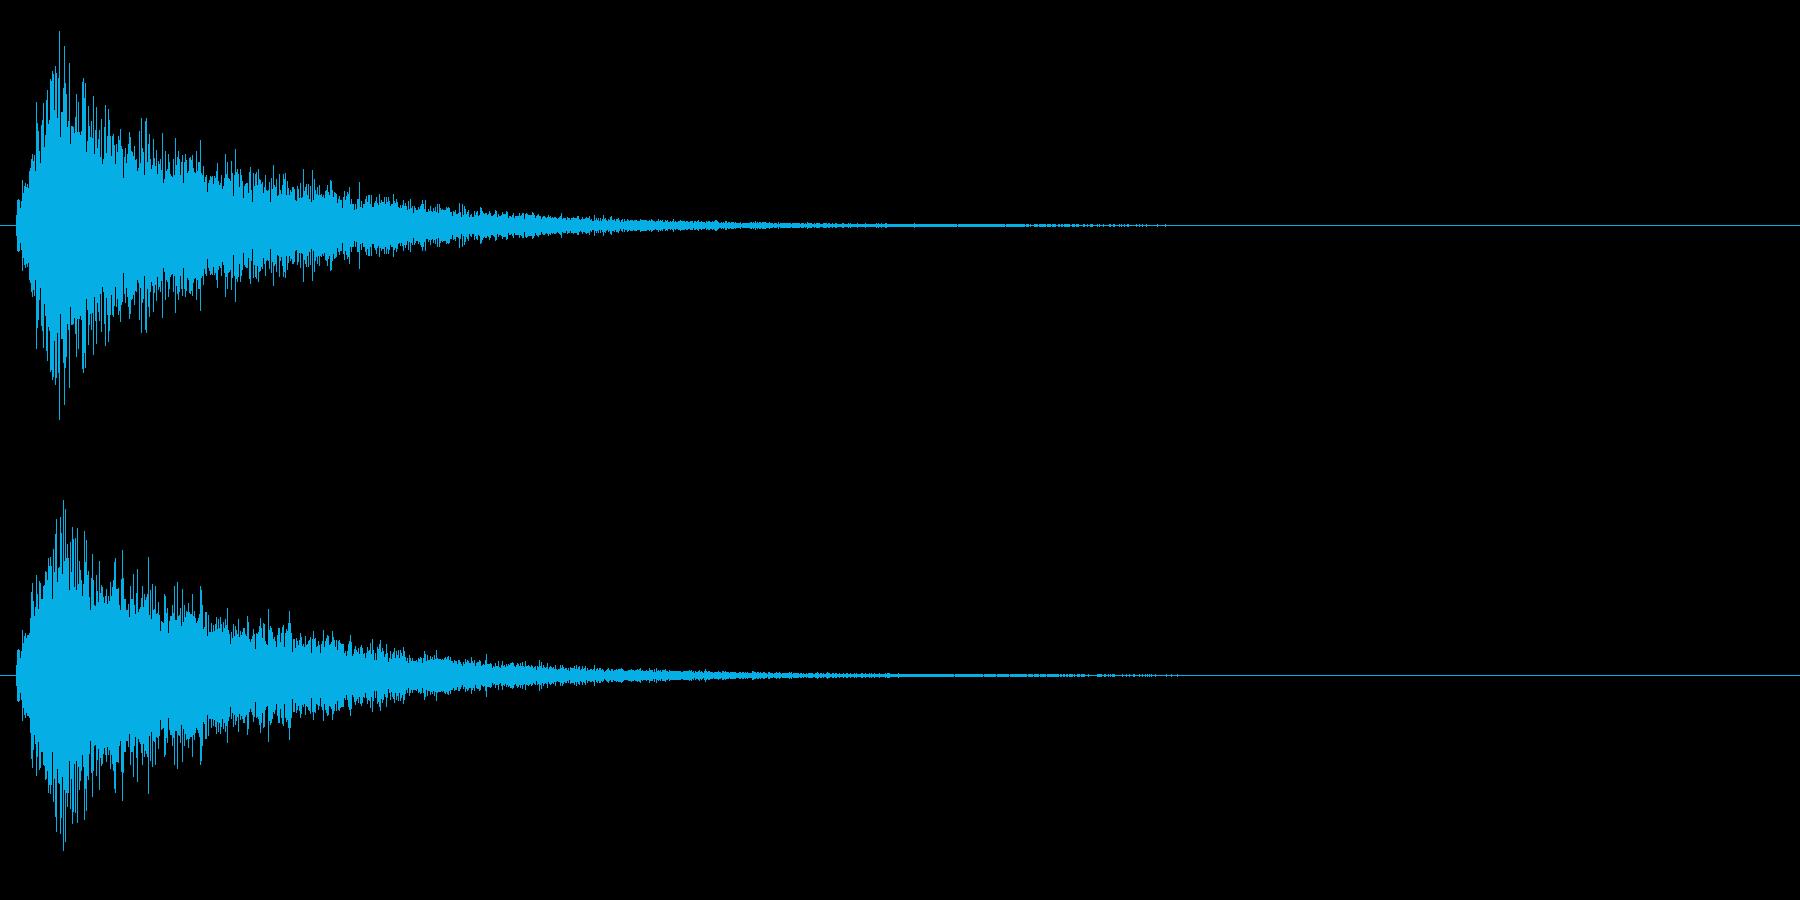 サーッ+シューン(消え去る/消滅)の再生済みの波形